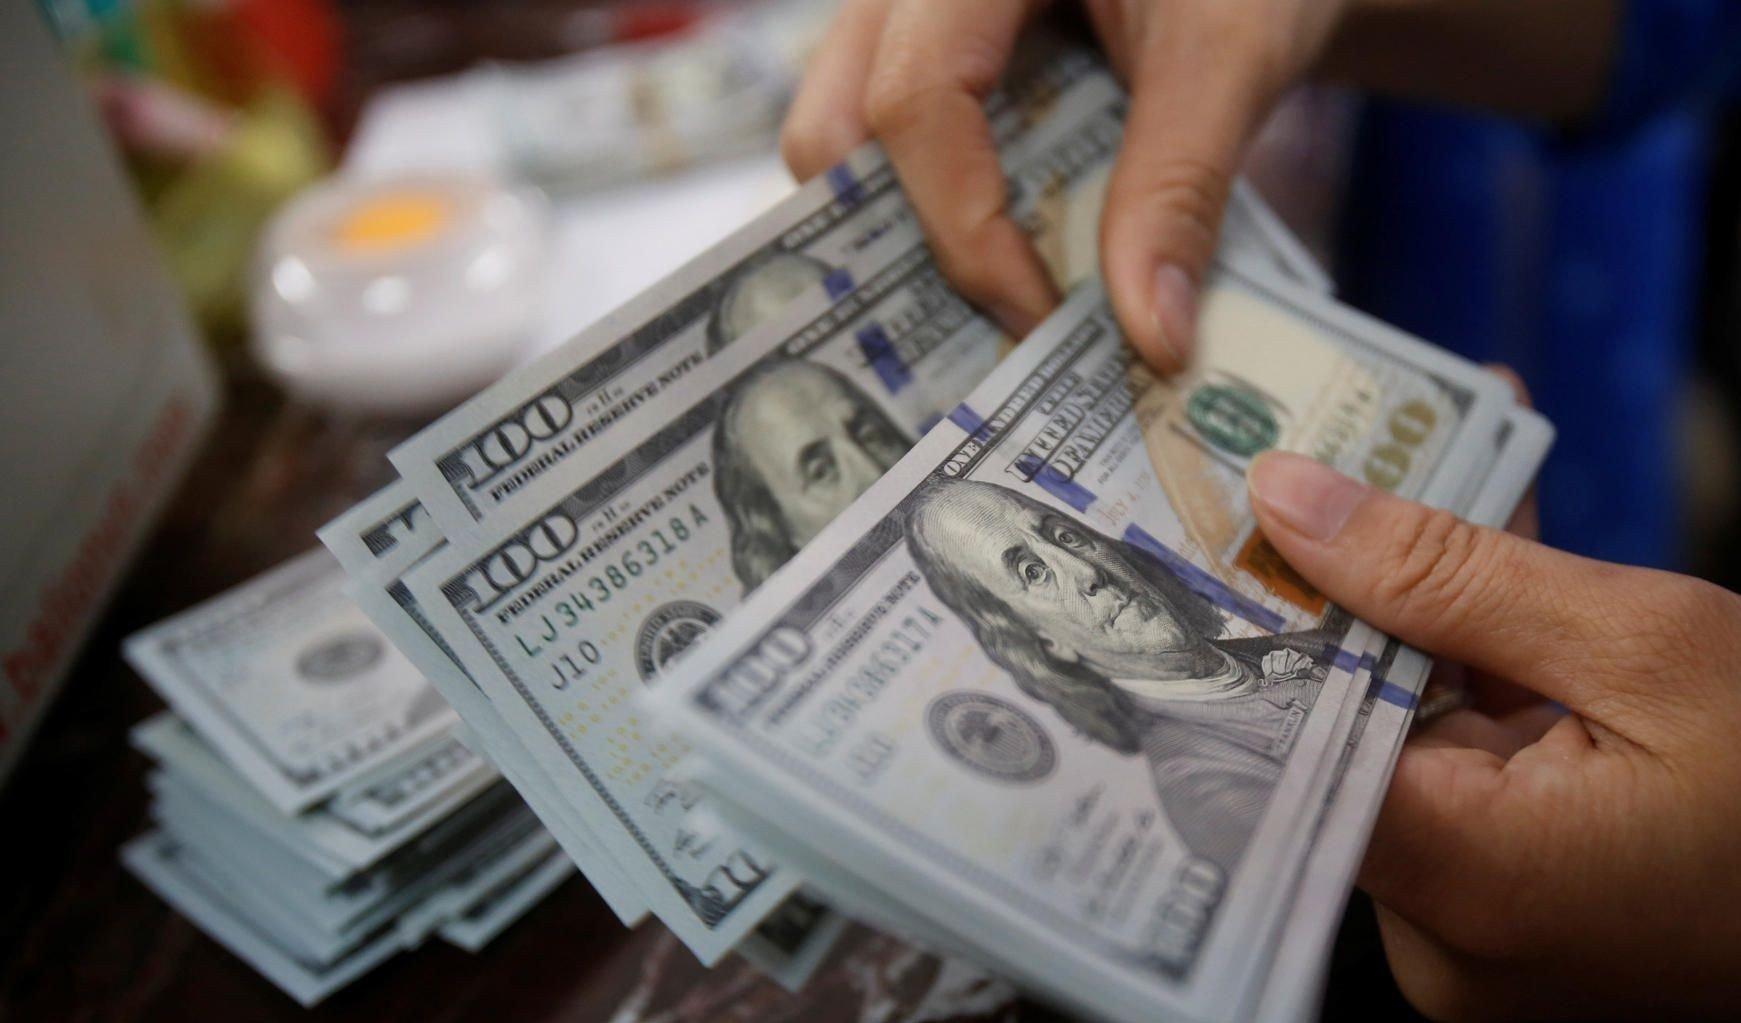 سعر الدولار اليوم الأحد 17 يناير 2021 في البنوك المصرية وتوقعات الخبراء لأسعار الورقة الخضراء 2